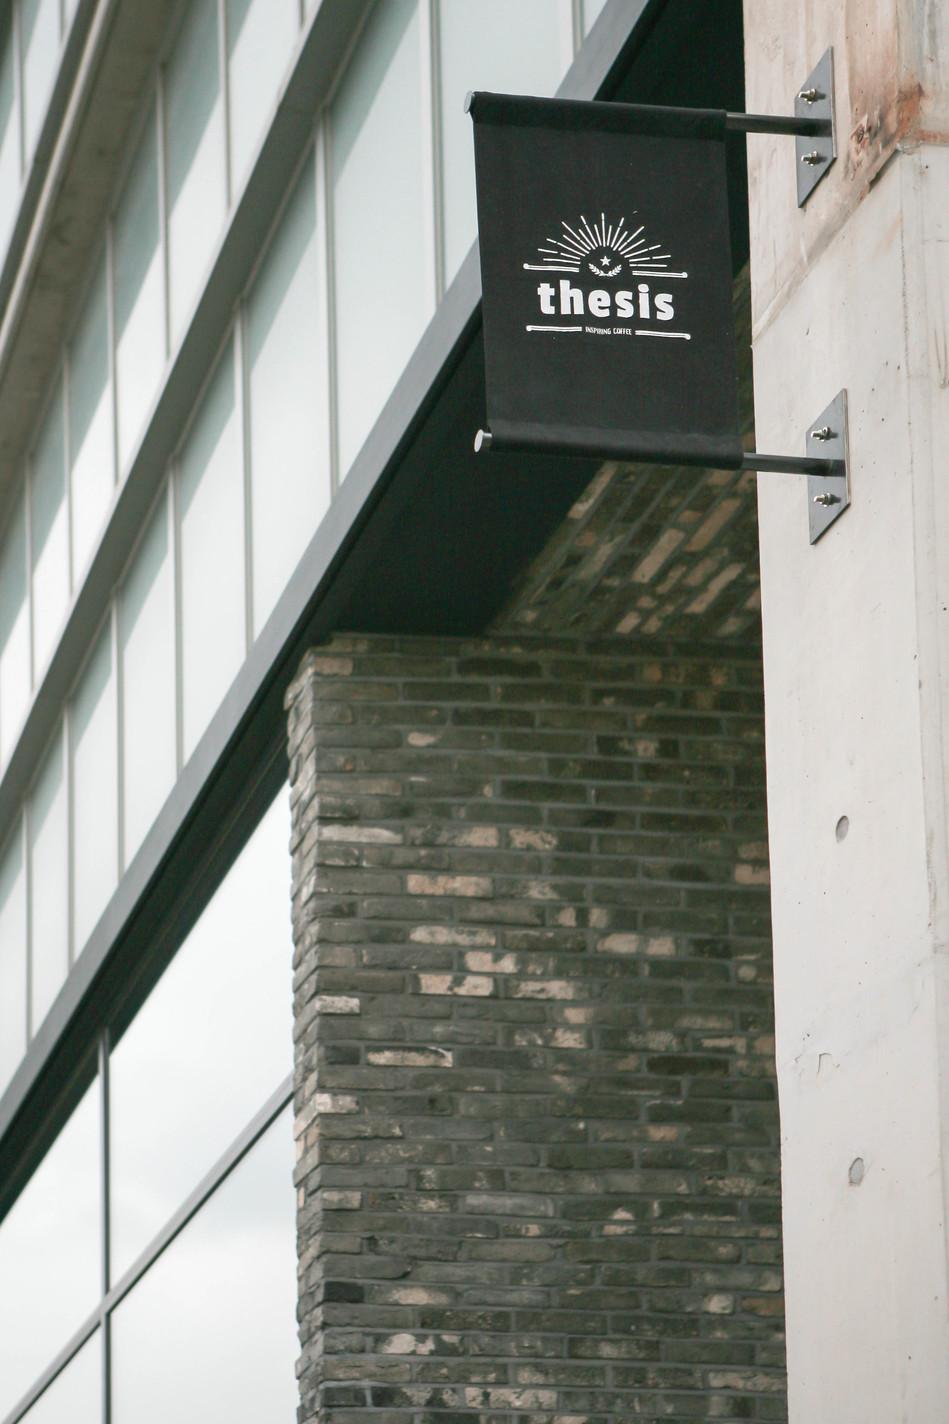 thesis-30.jpg